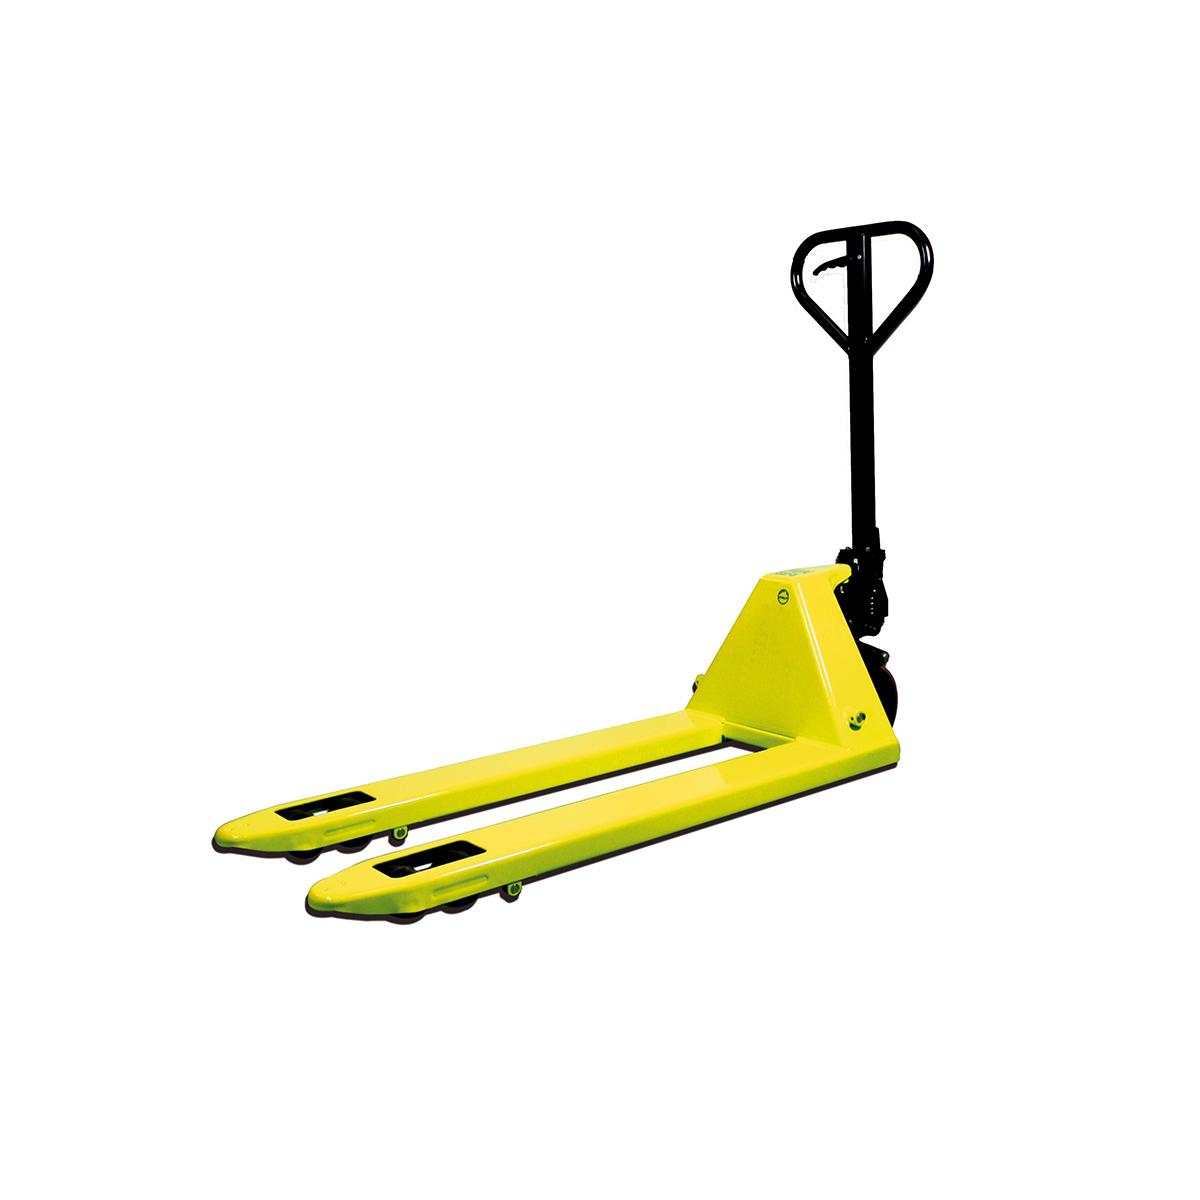 Immagine Transpallet idraulico manuale portata 2,2 t